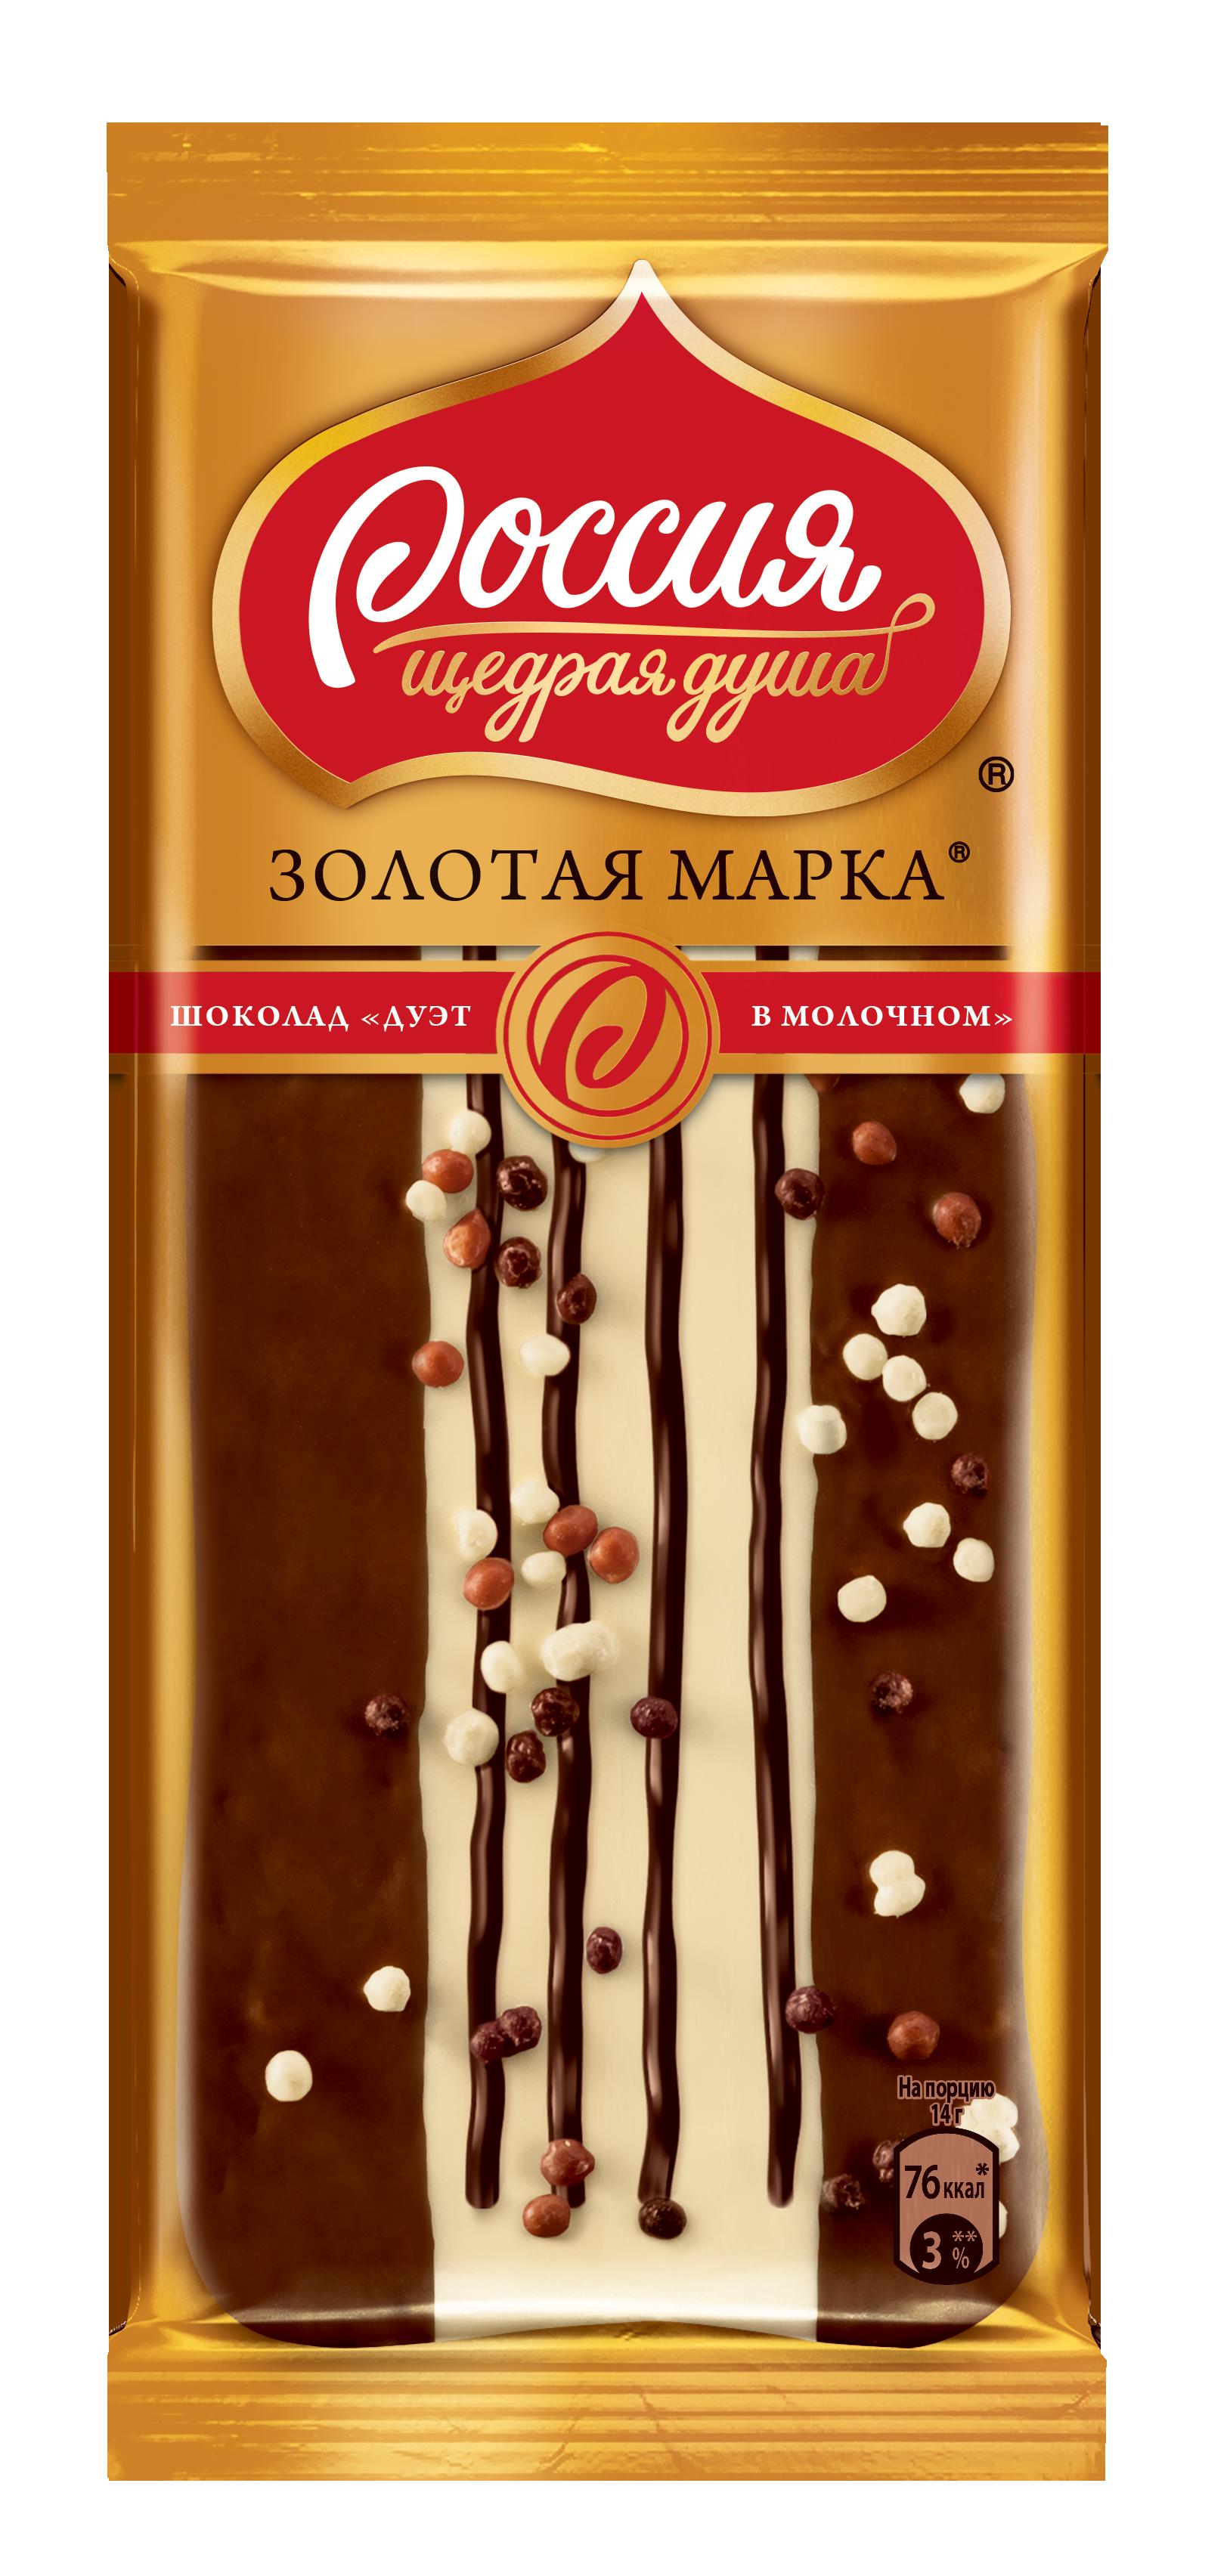 Шоколад Россия - Щедрая душа! золотая марка дуэт в молочном 85 г